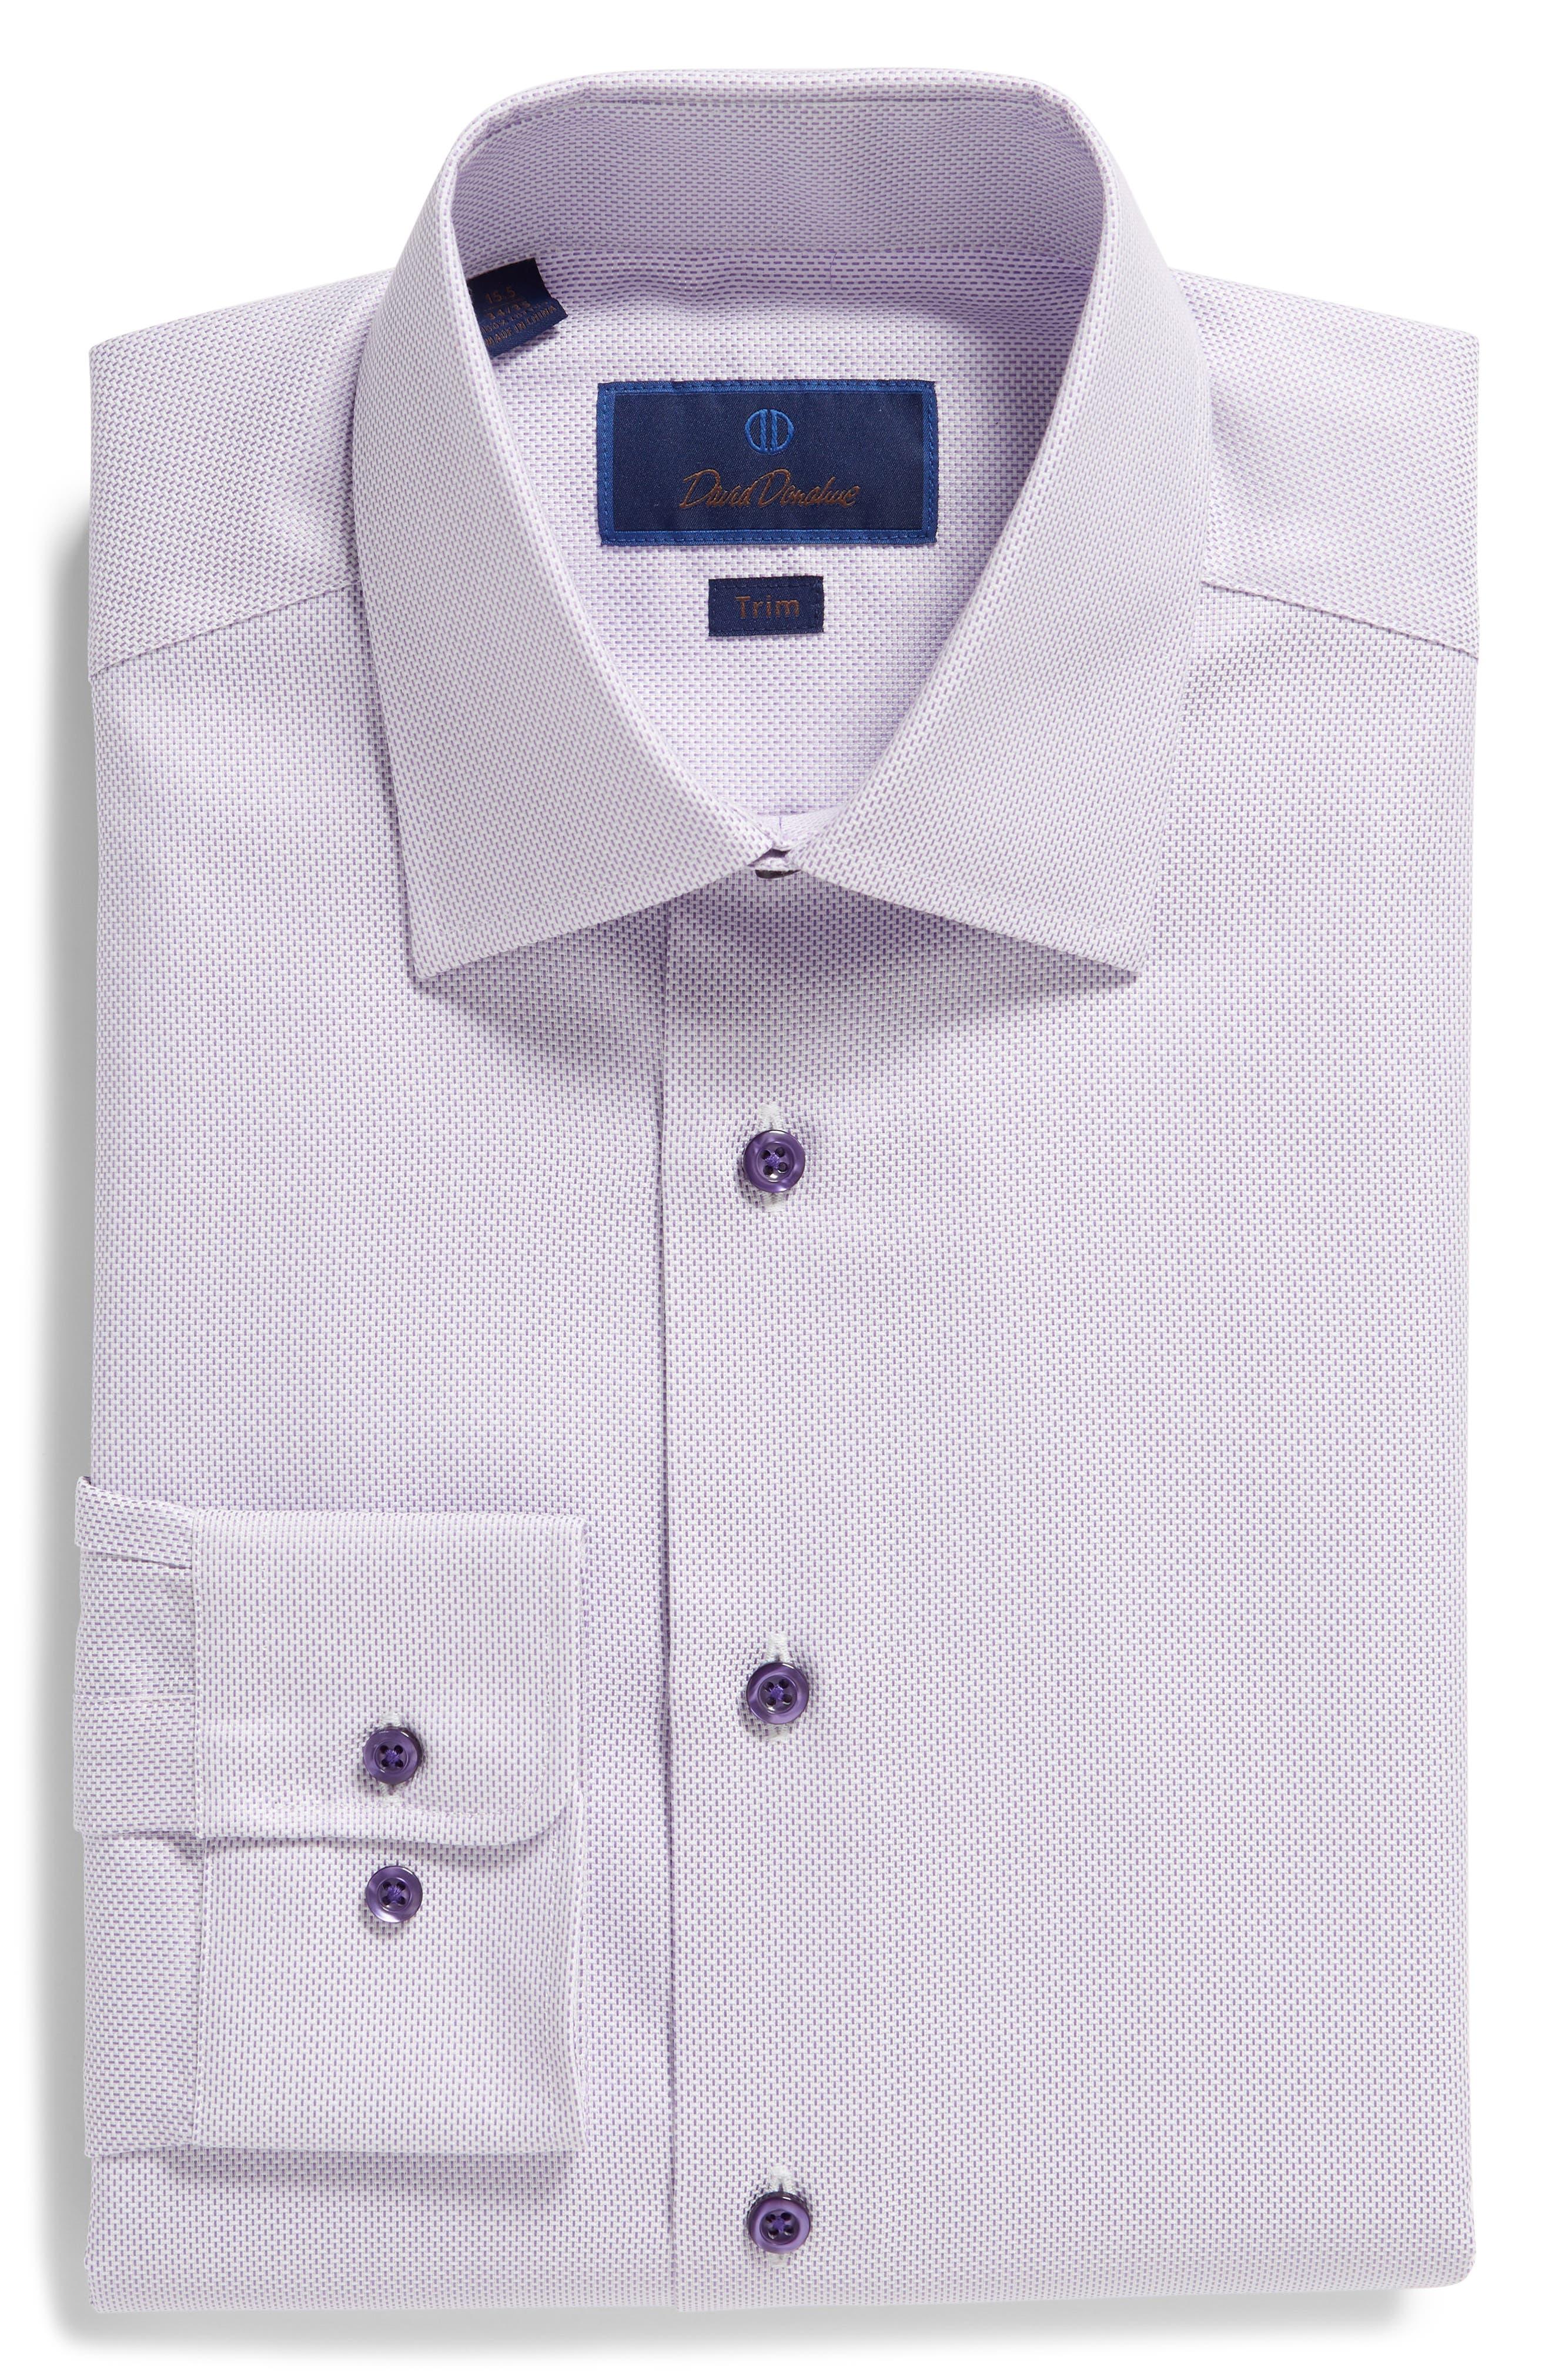 Trim Fit Dress Shirt,                             Alternate thumbnail 6, color,                             Lilac